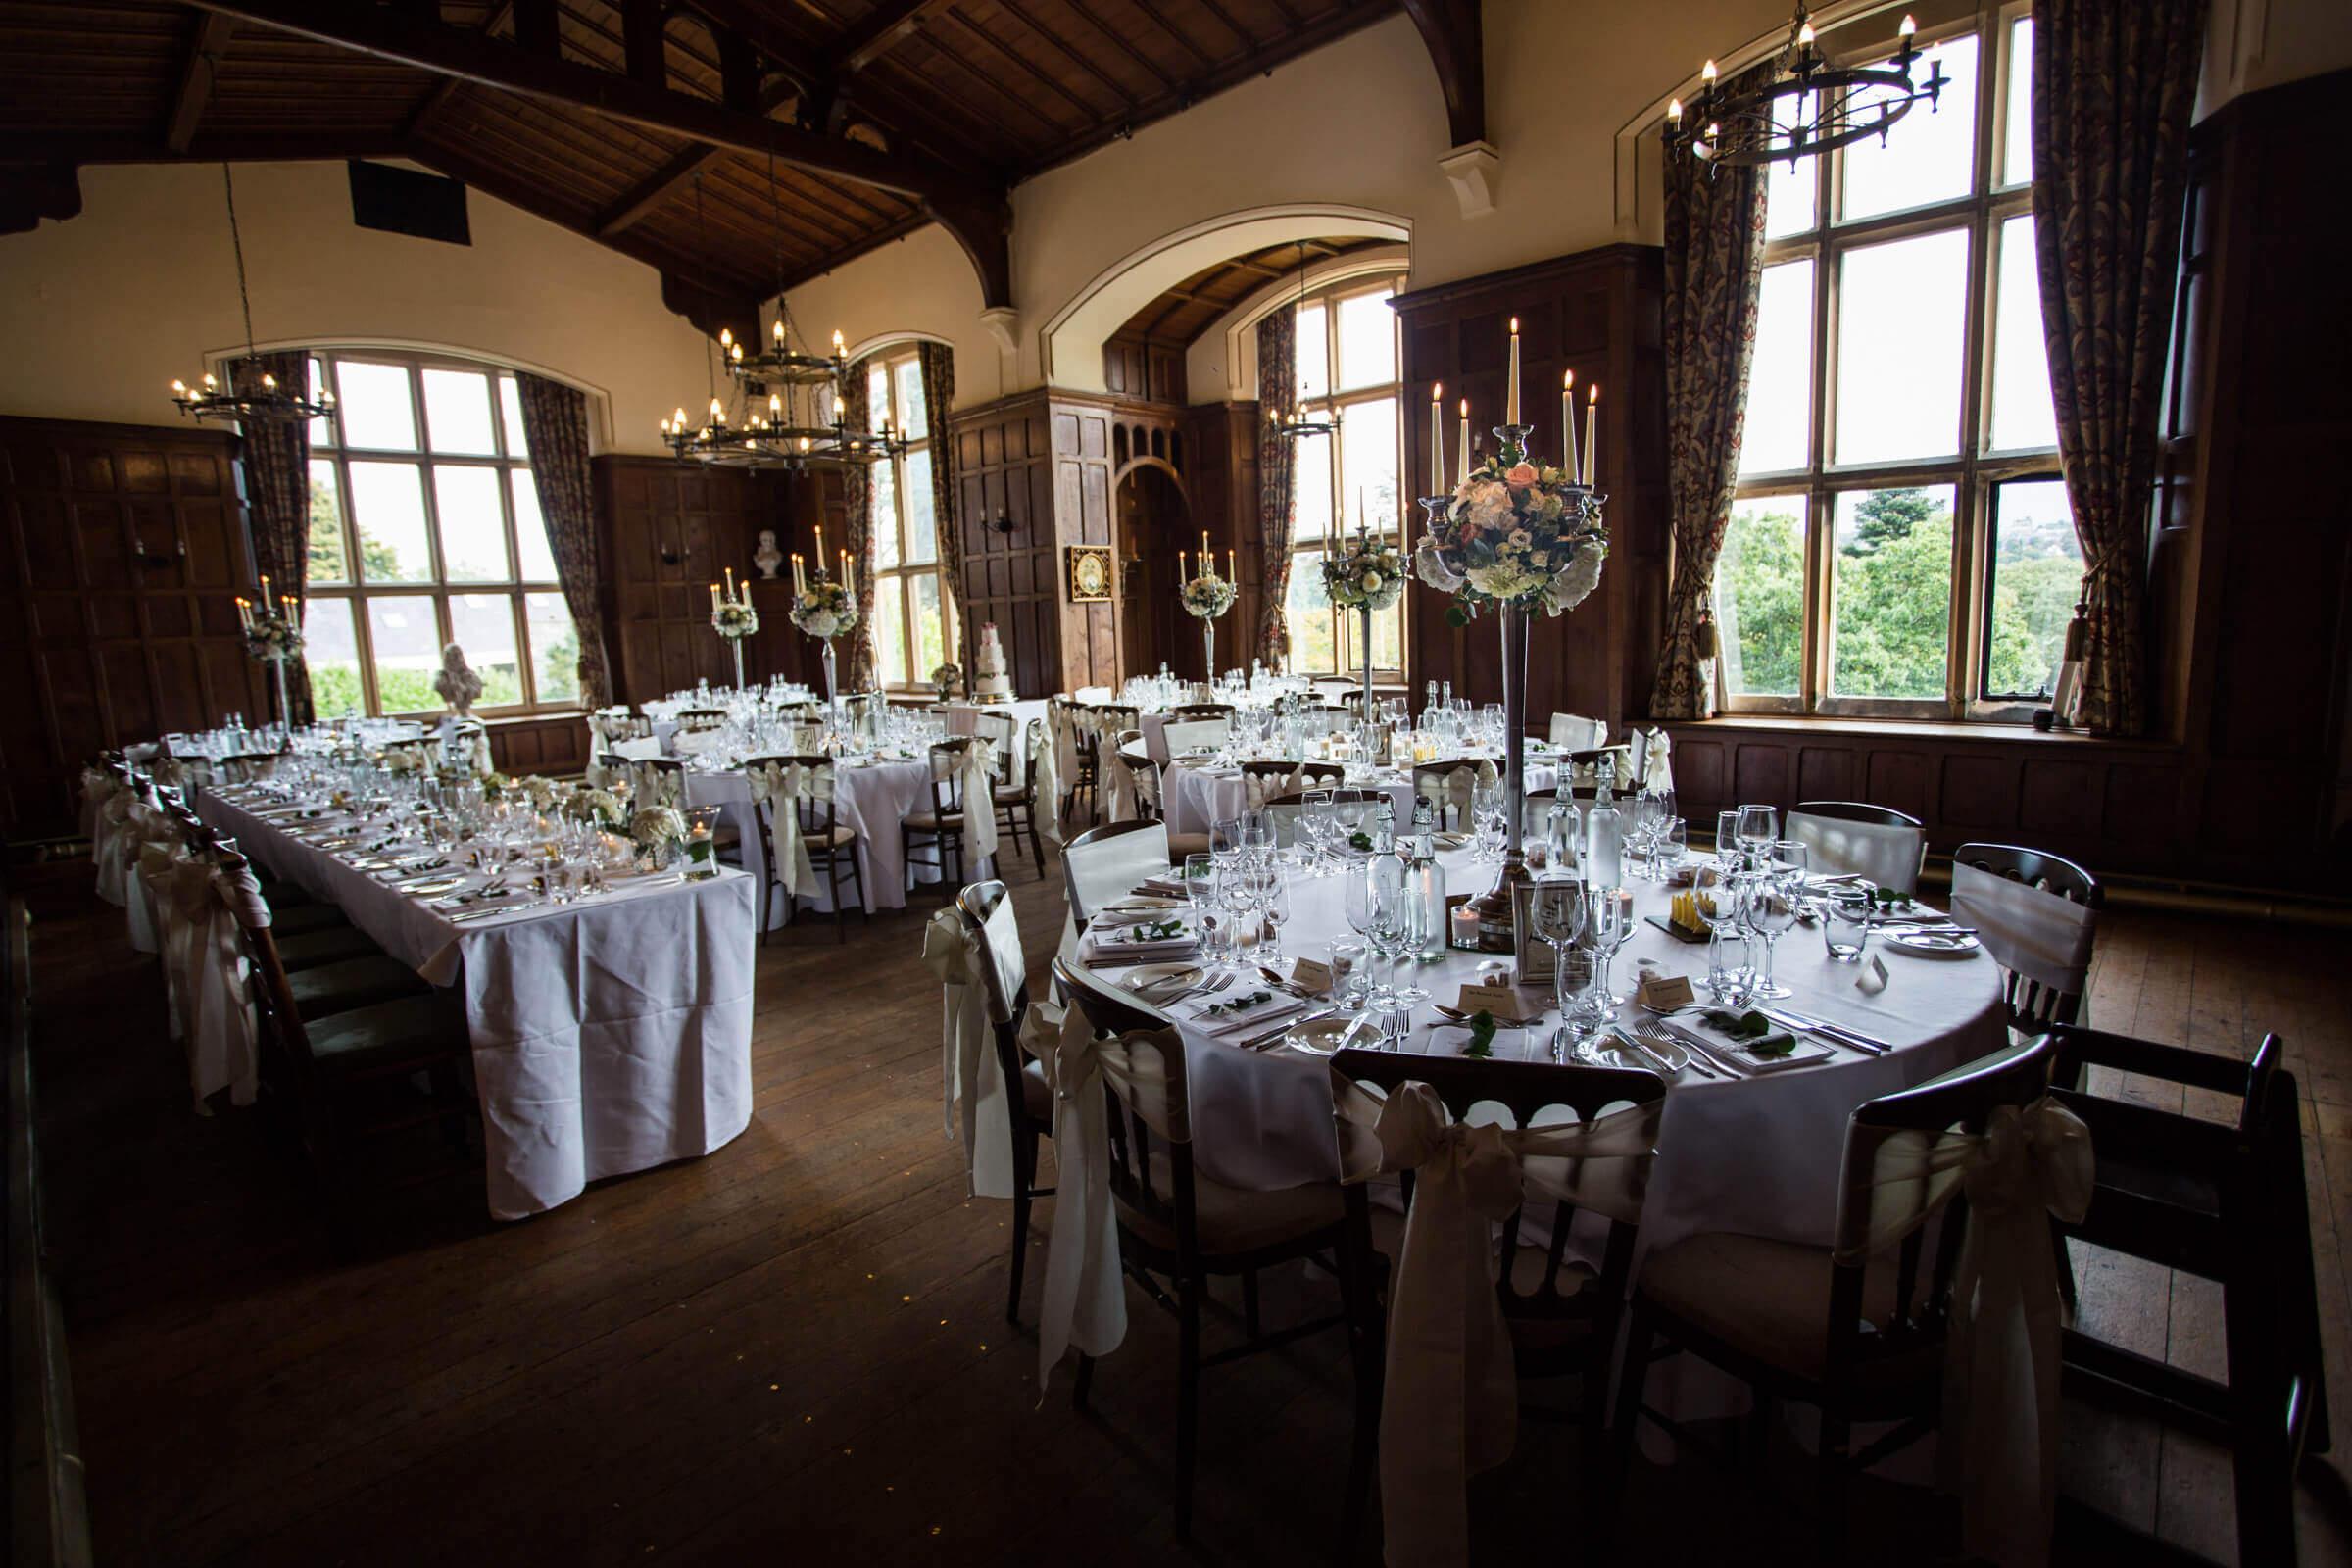 Chateau_Rhianfa_Wedding_Photography_051.jpg